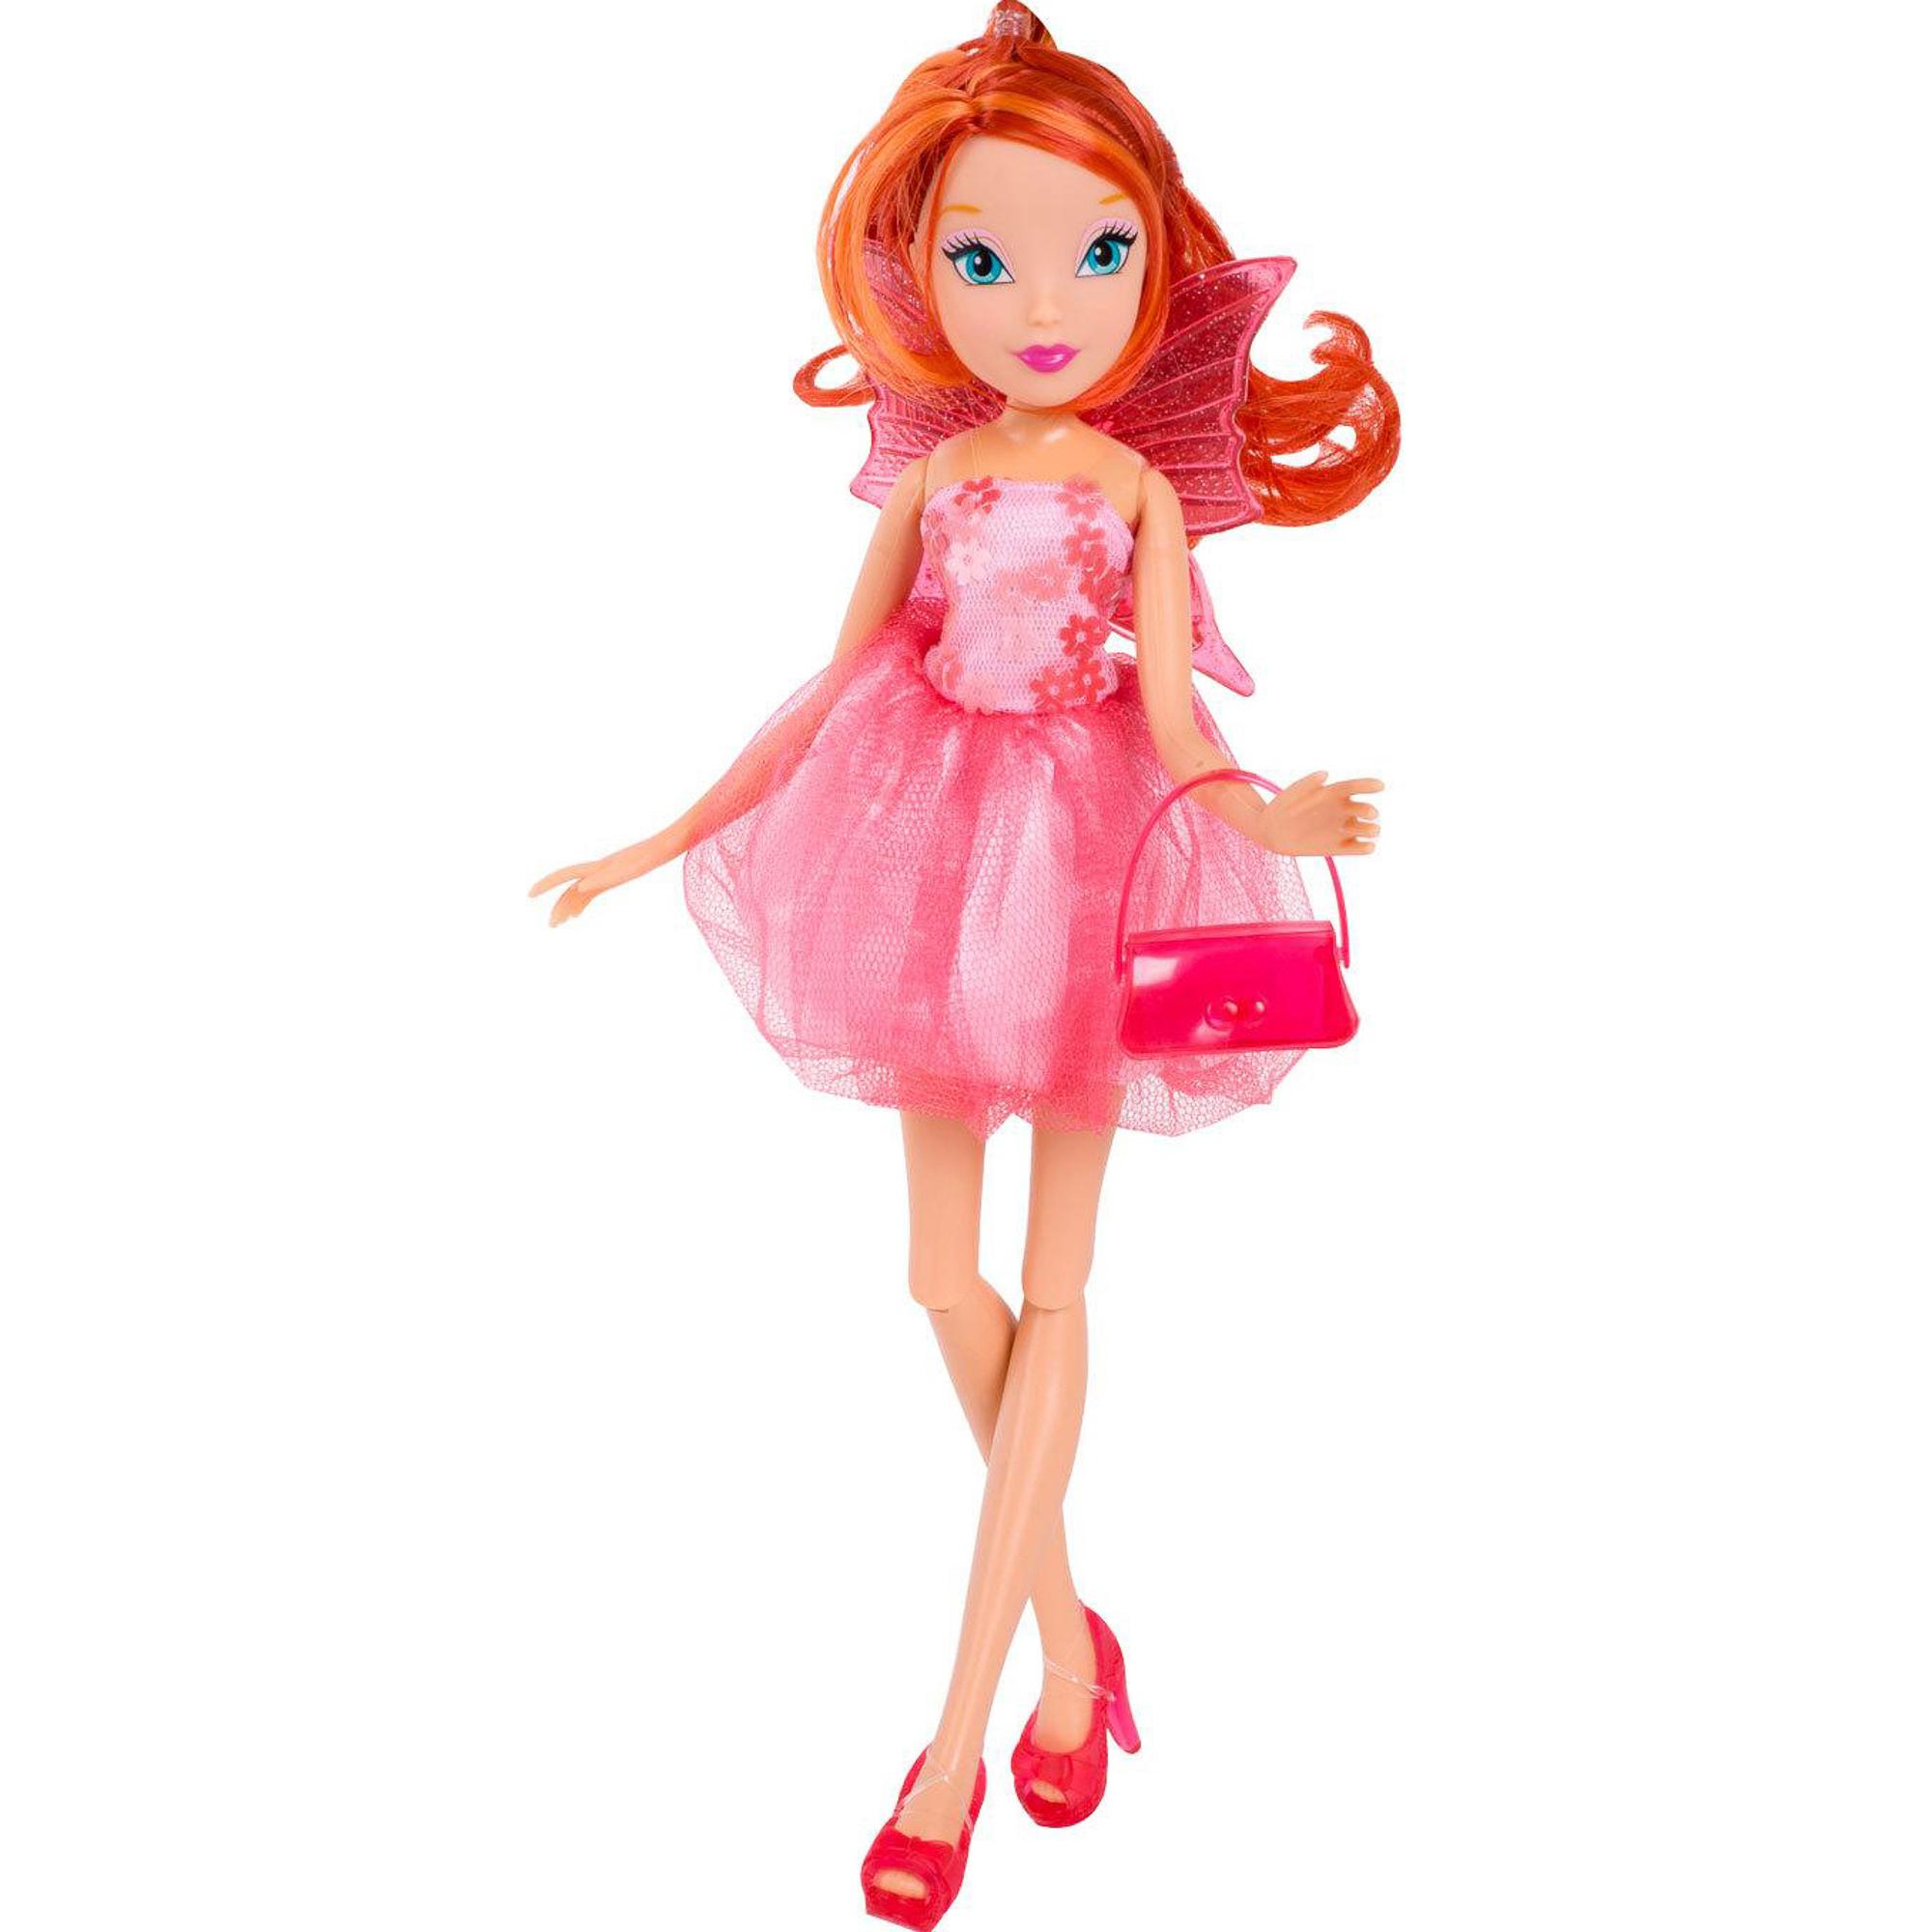 Кукла Winx Club Бон Бон Блум 28 см кукла winx club бон бон флора iw01641802